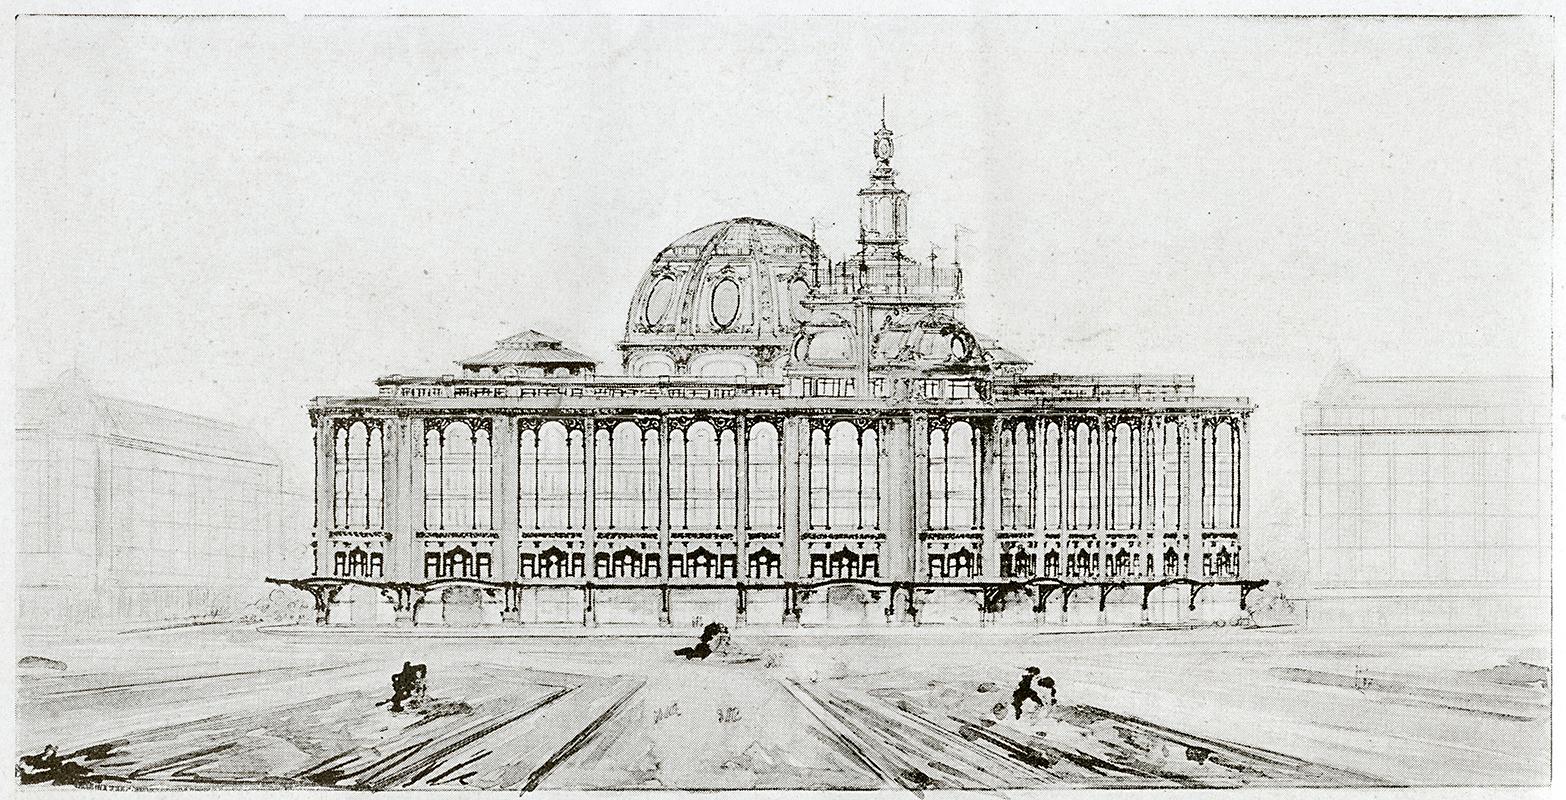 Jorge Caprario. Arquitectura. v.6 n.36 1920, 58